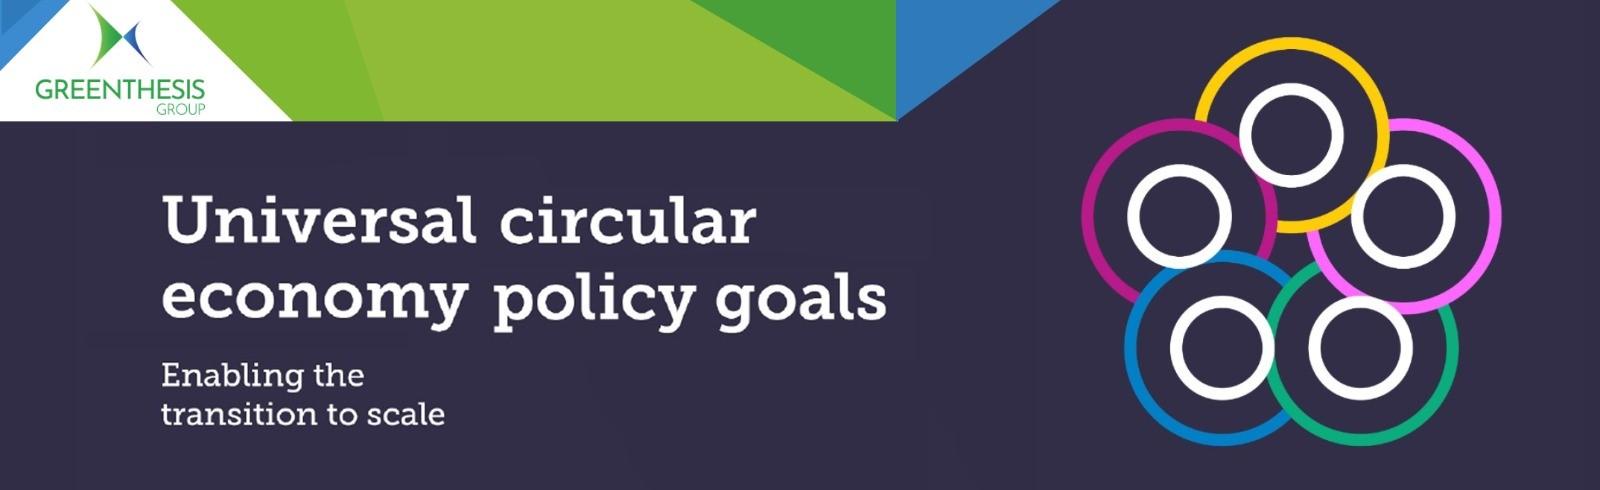 5 obiettivi strategici universali per orientare l'economia circolare